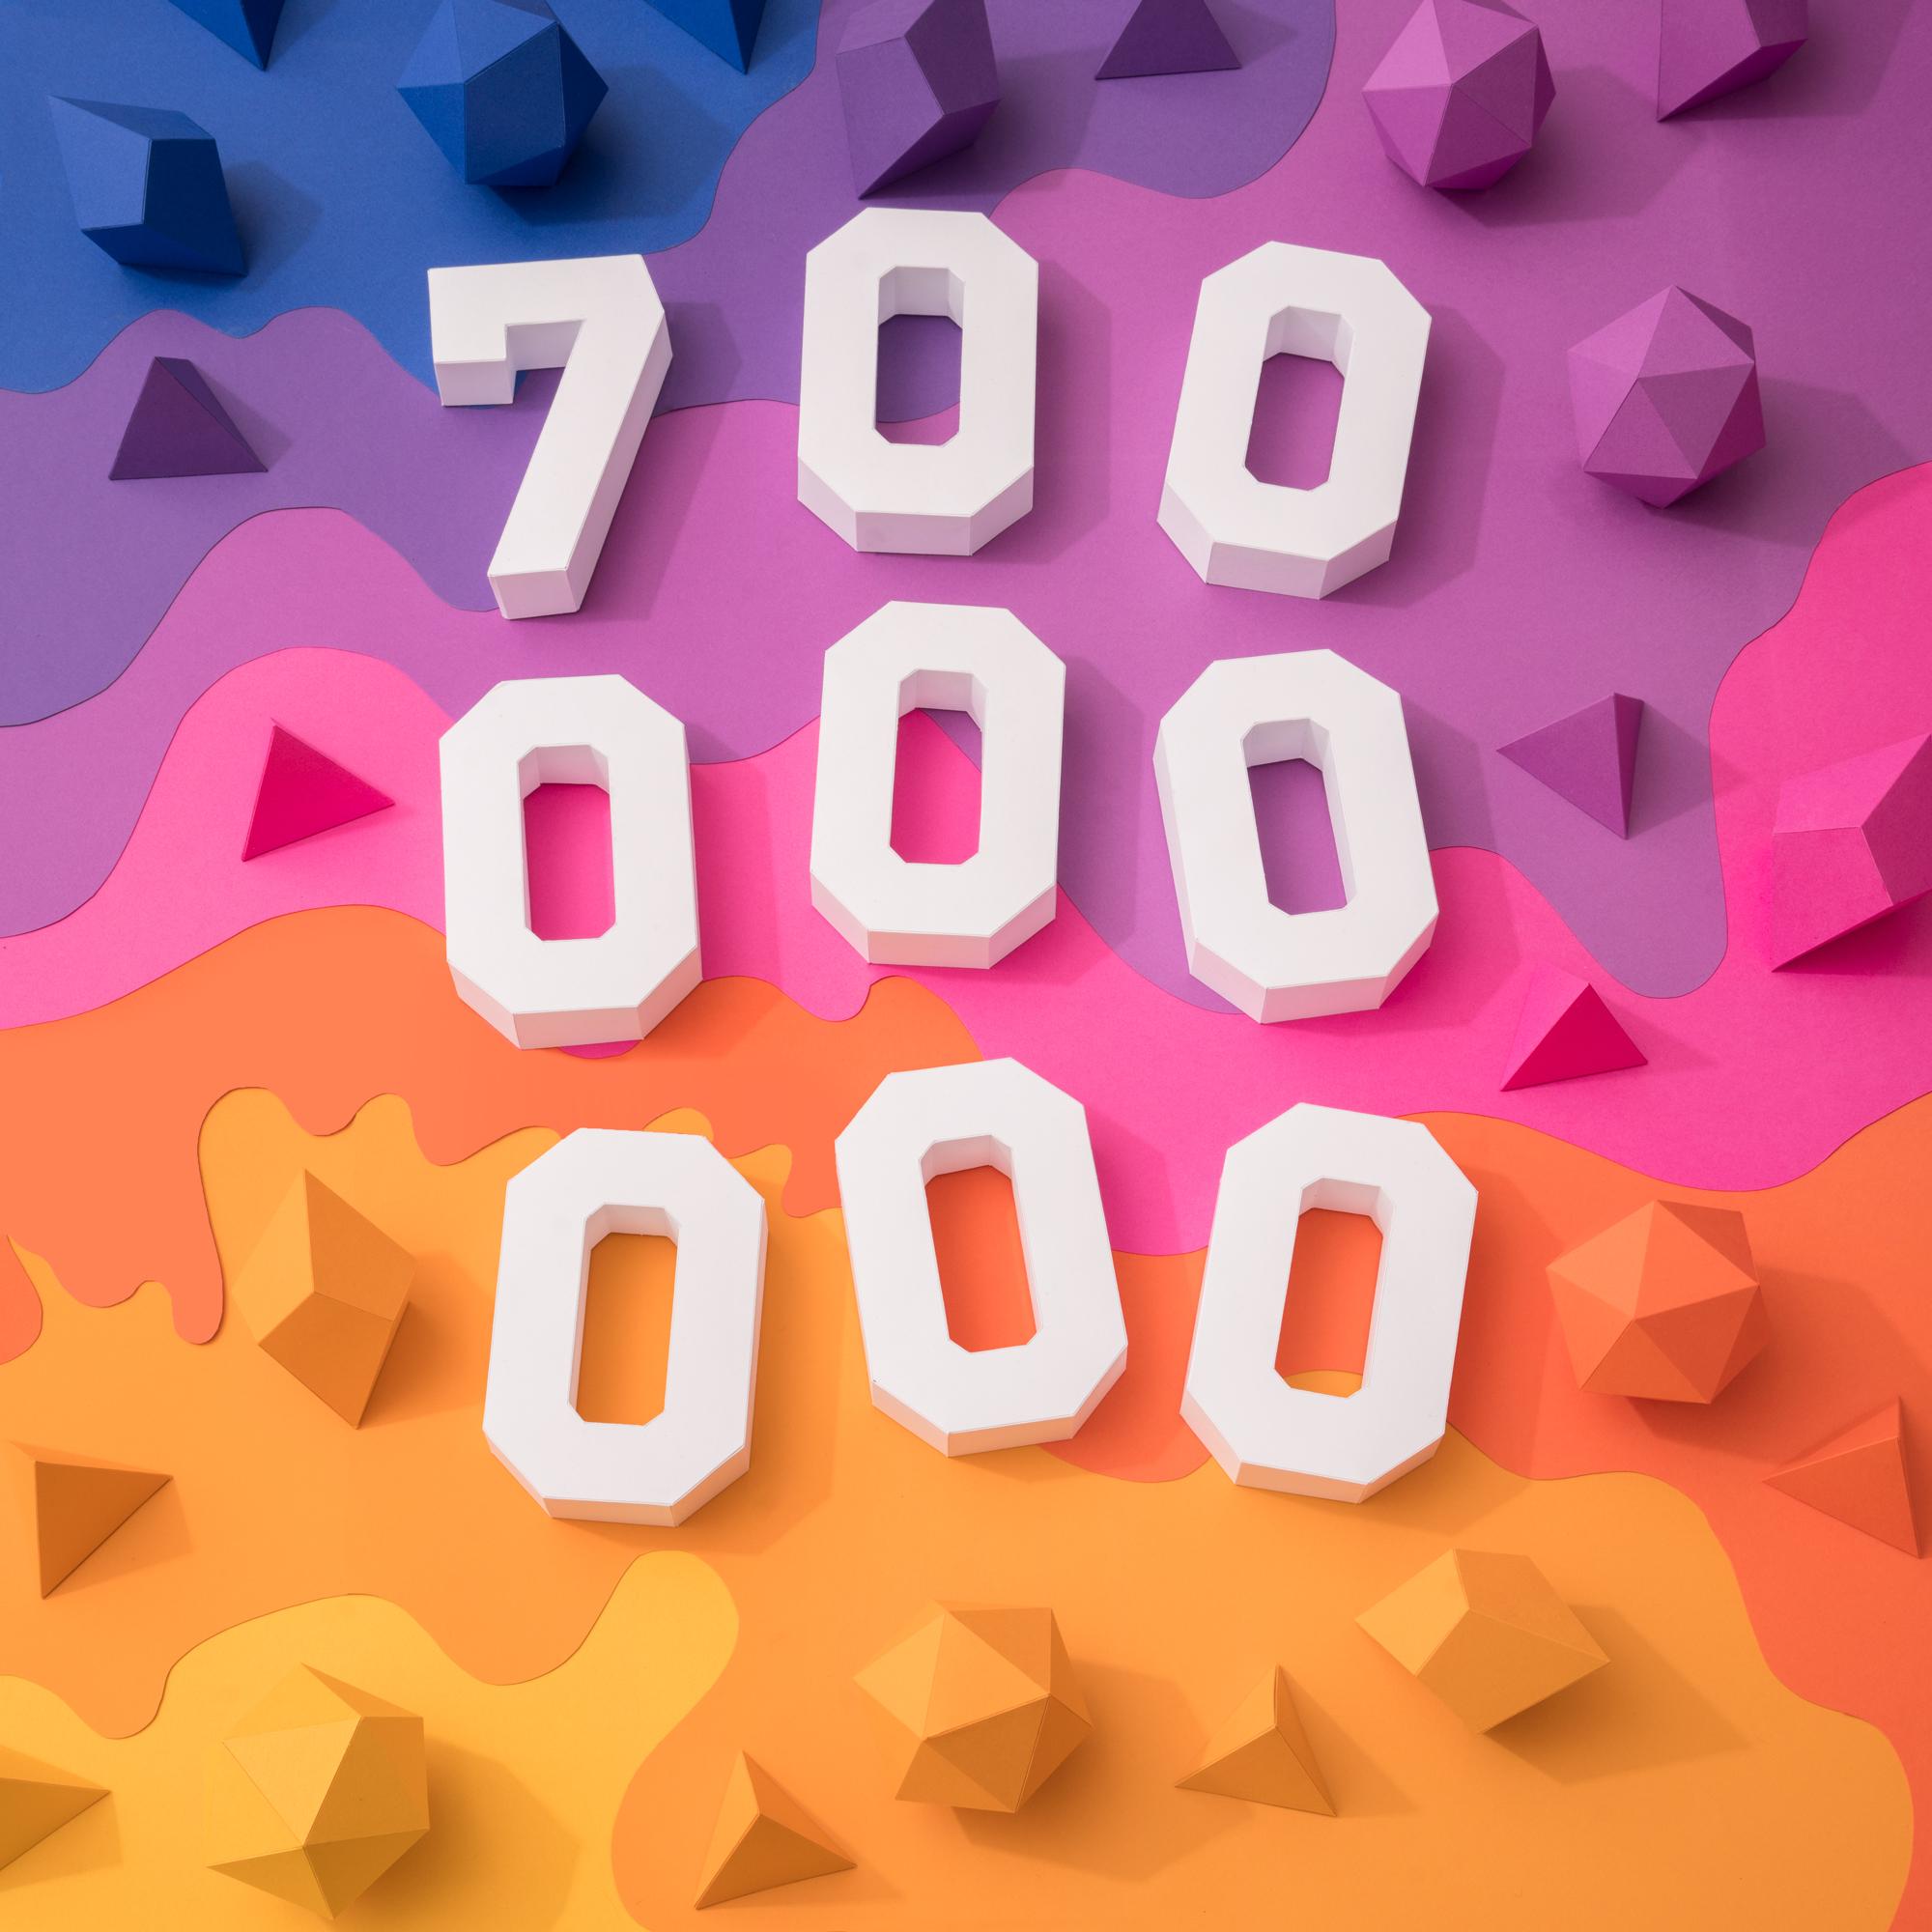 Instagram-ի օգտատերի թիվն անցել է 700 միլիոնից